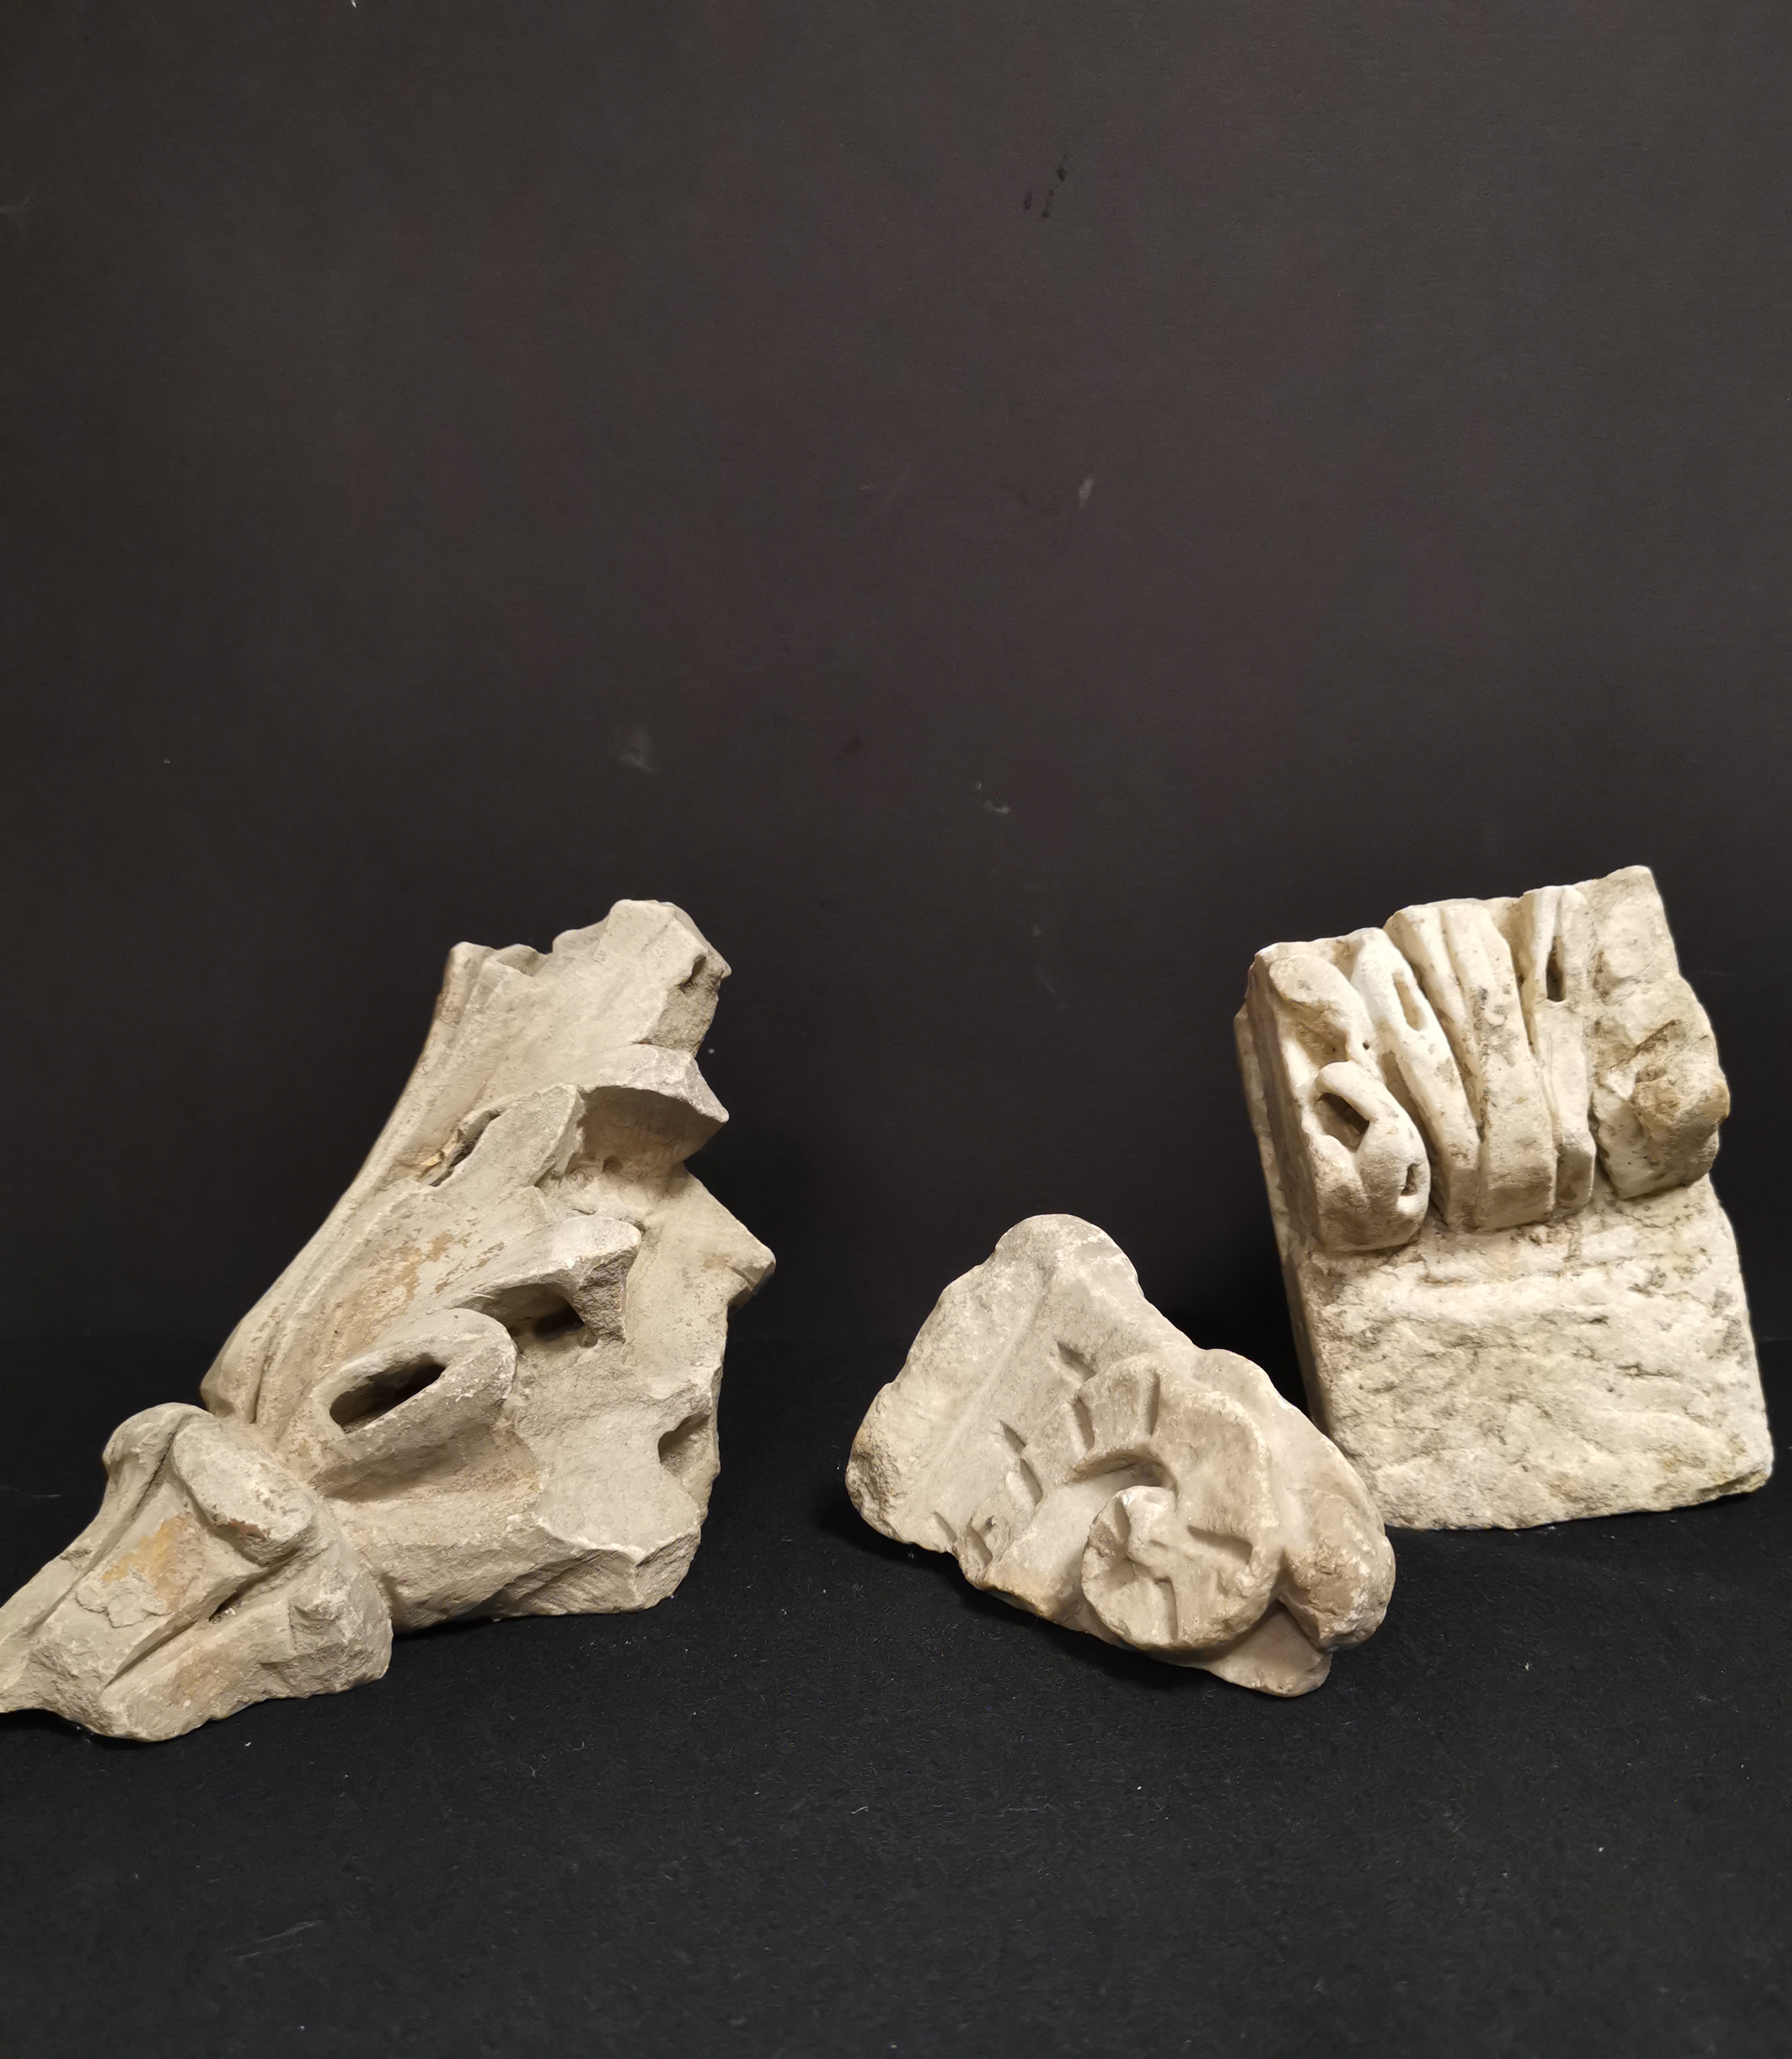 Lot 44A - Trois fragments, un représentant une feuille d'acanthe stylisée